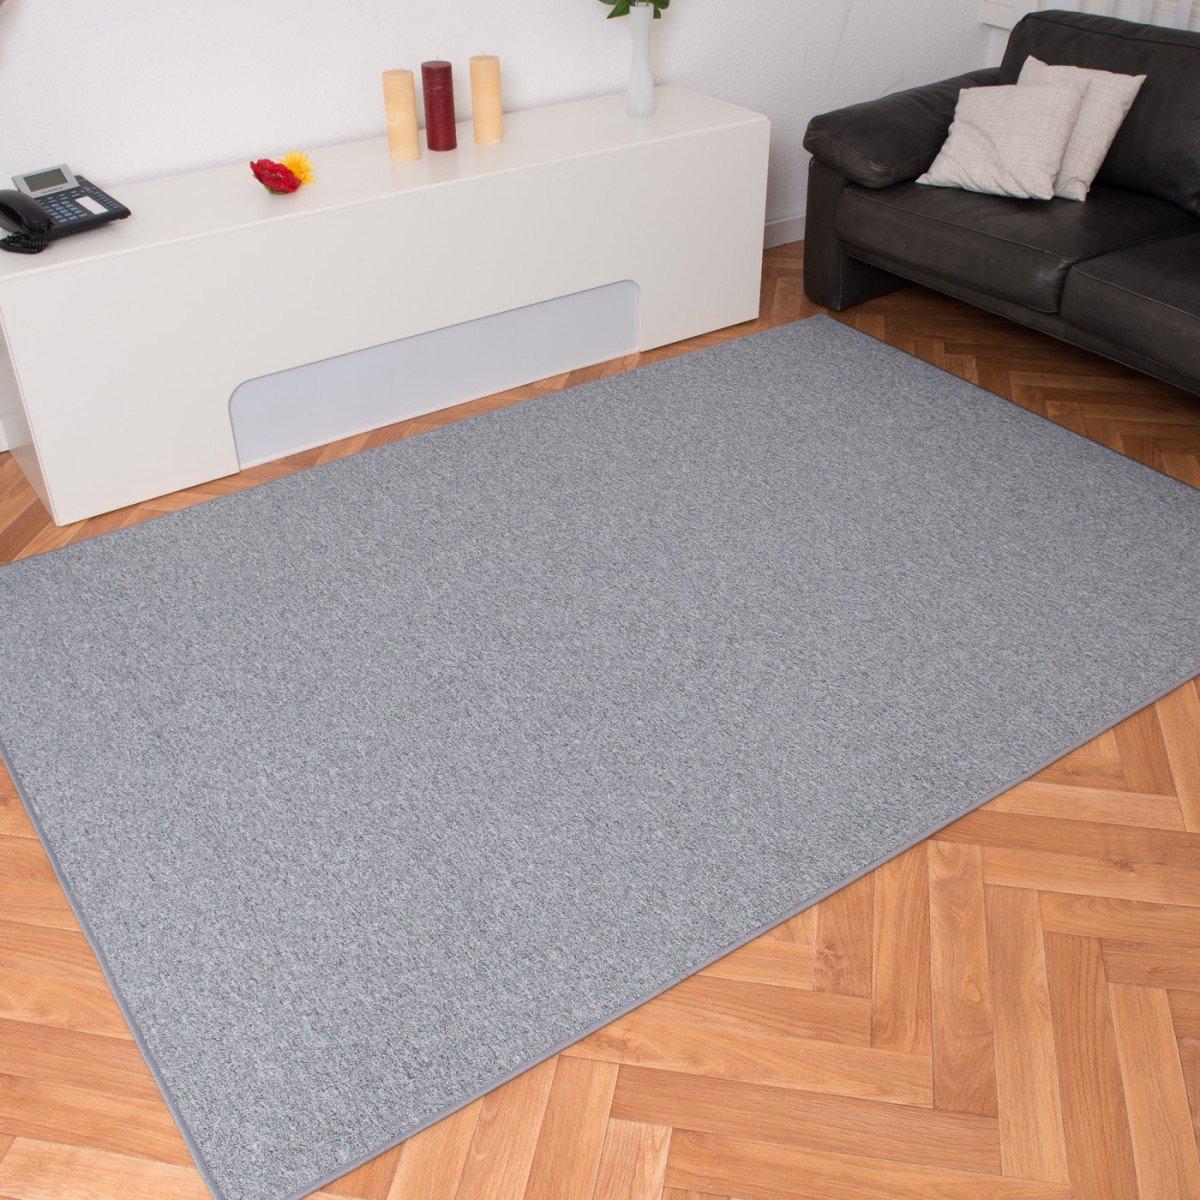 Schlingen Teppich Torronto grau, Größe Auswählen200 x 290 cm    Überprüfung und Beschreibung